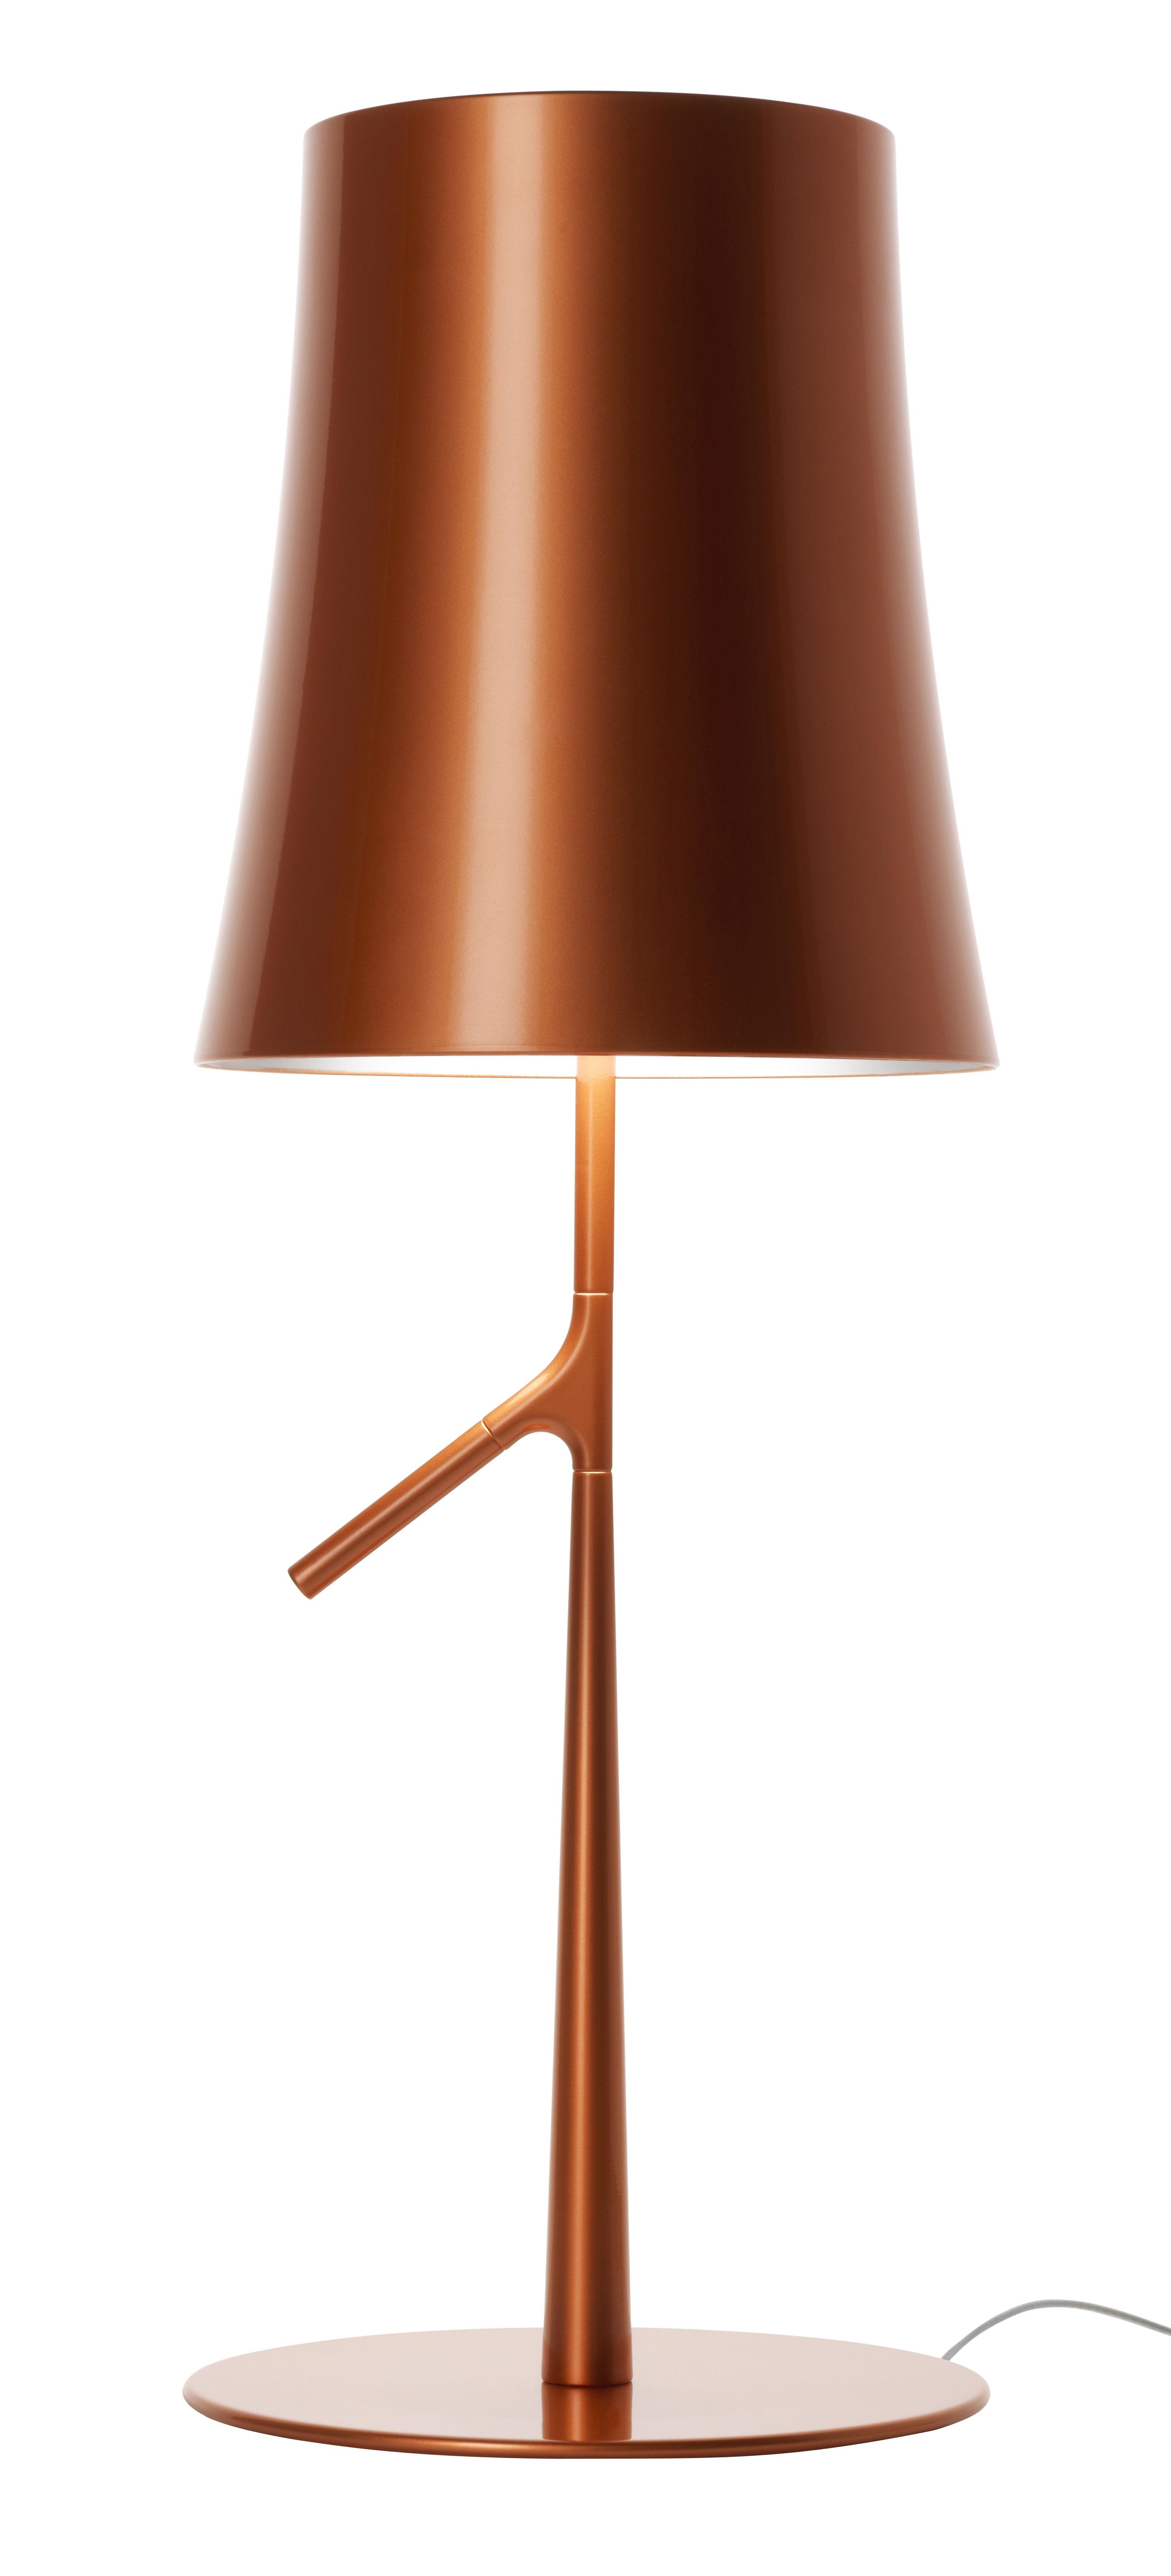 Luminaire - Lampes de table - Lampe de table Birdie Grande / LED - H 70 cm - Foscarini - Cuivre - Acier, Alliange de zinc, Polycarbonate métallisé